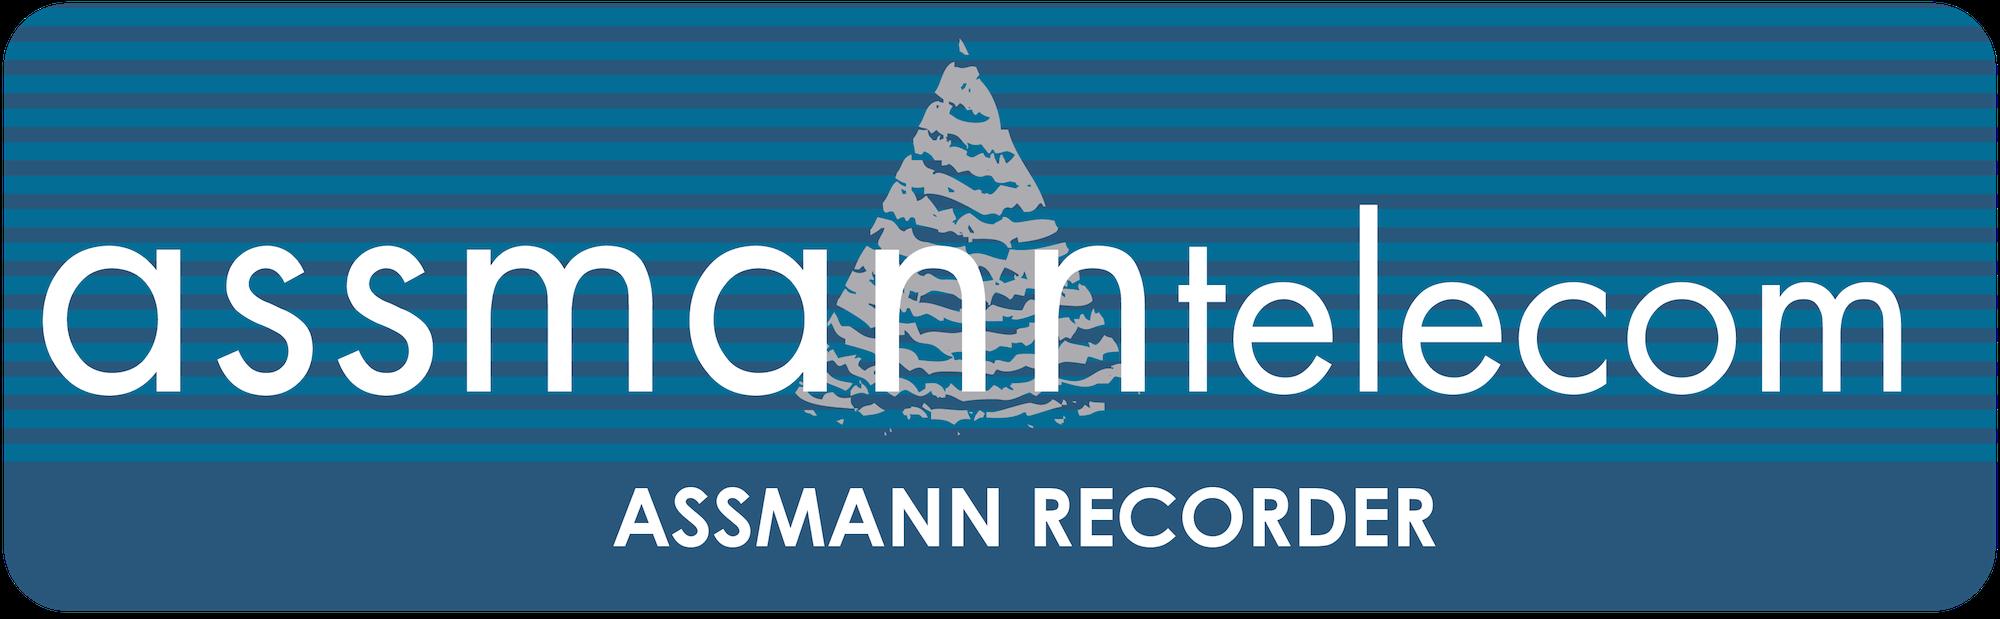 Assmann Telecom